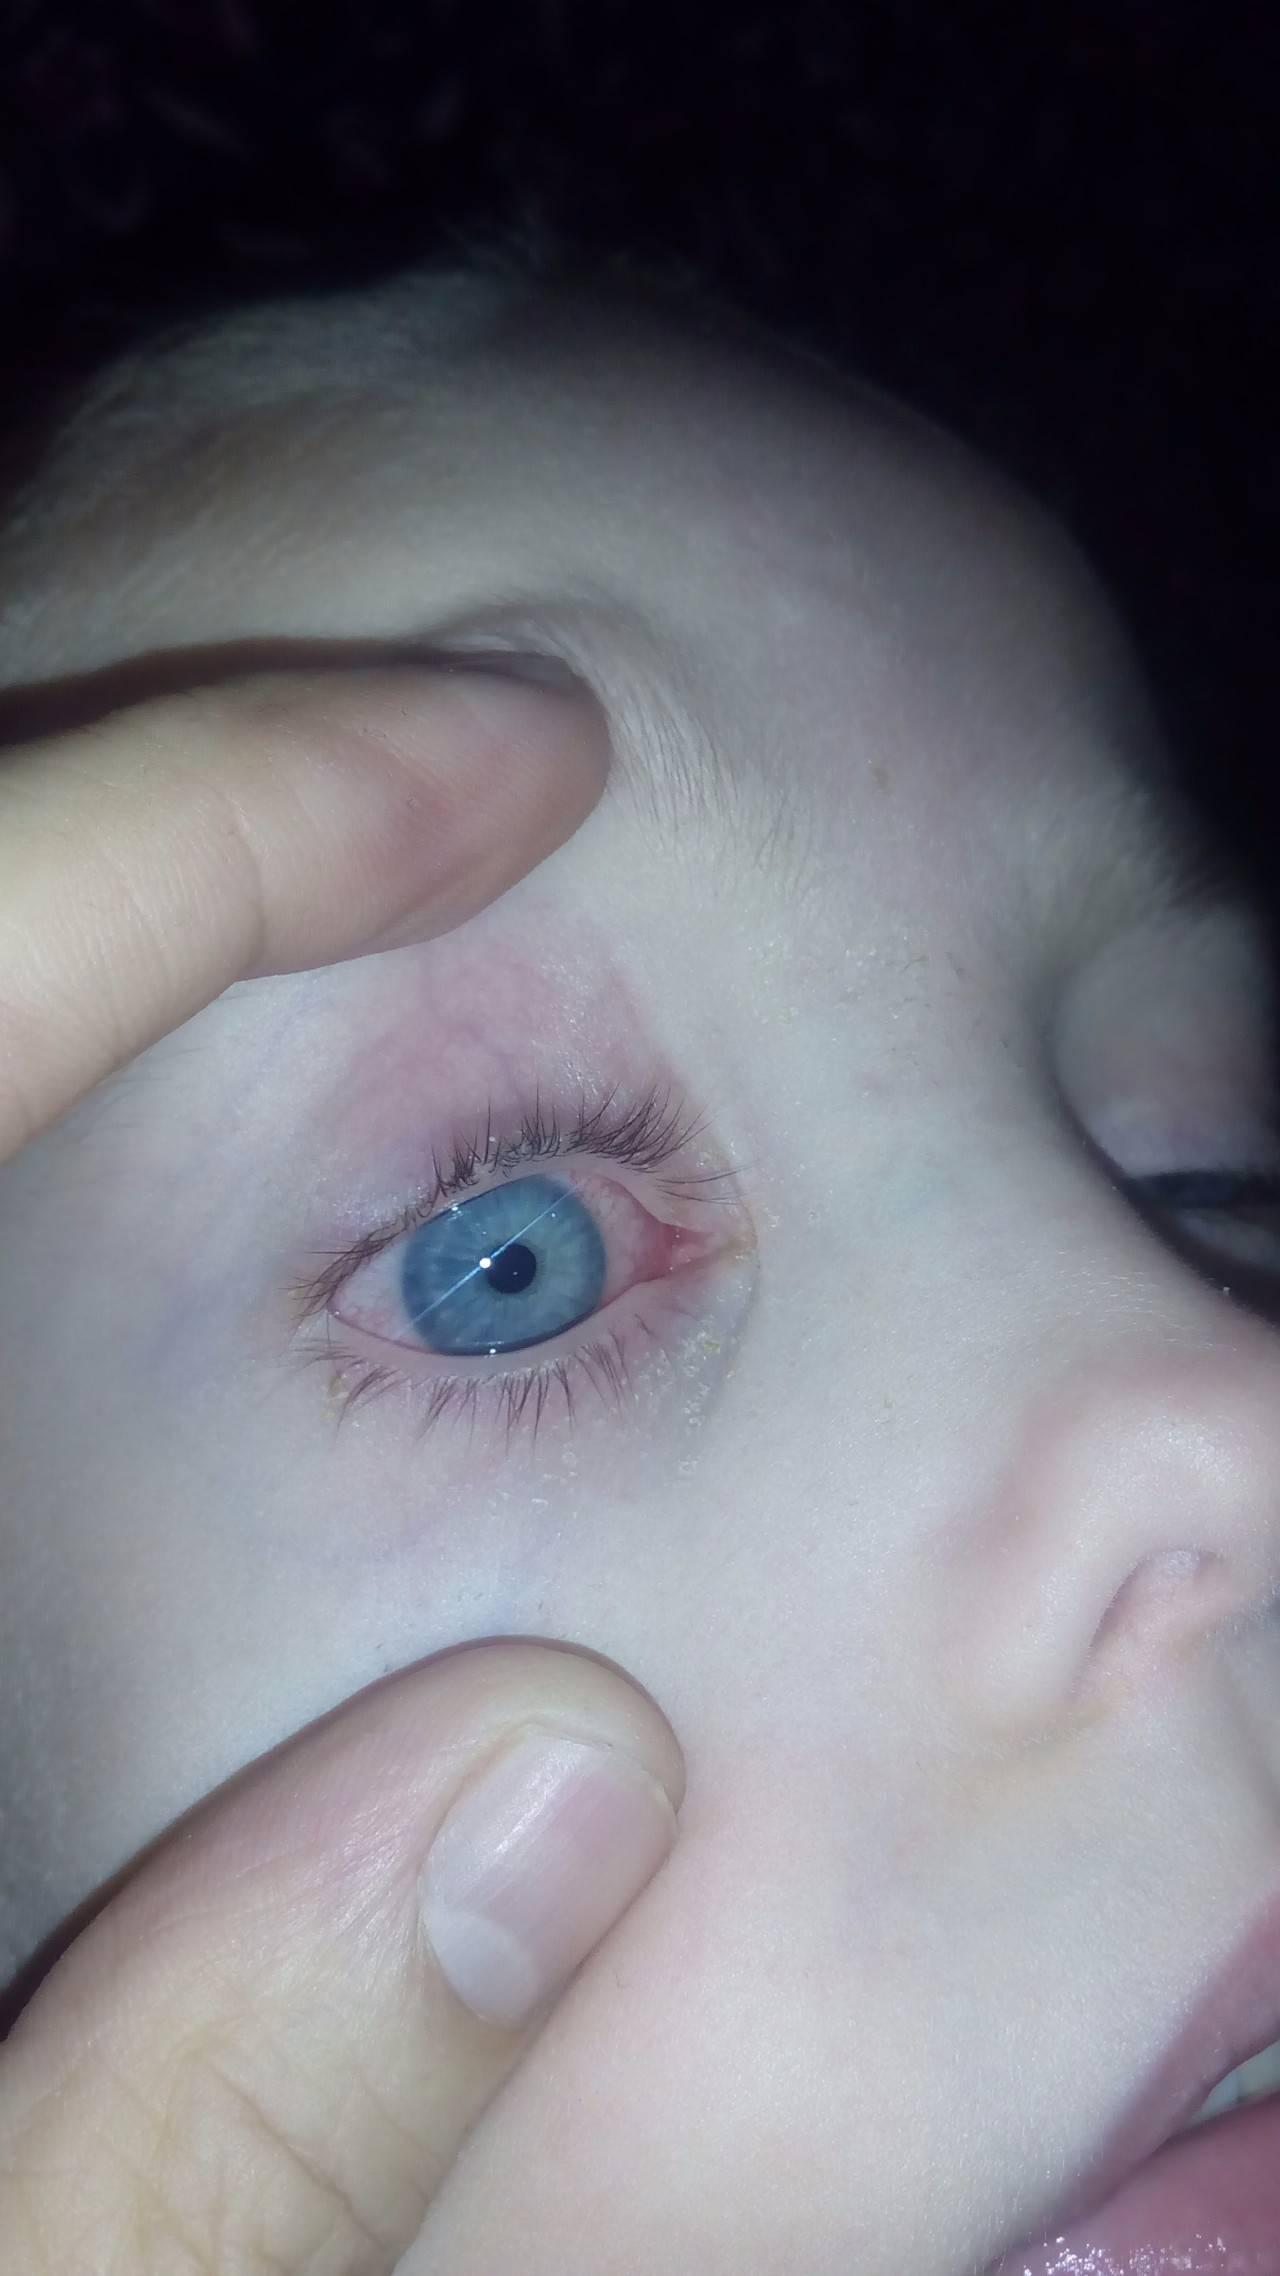 в помощь маме: почему появляются красные круги под глазами у ребенка?